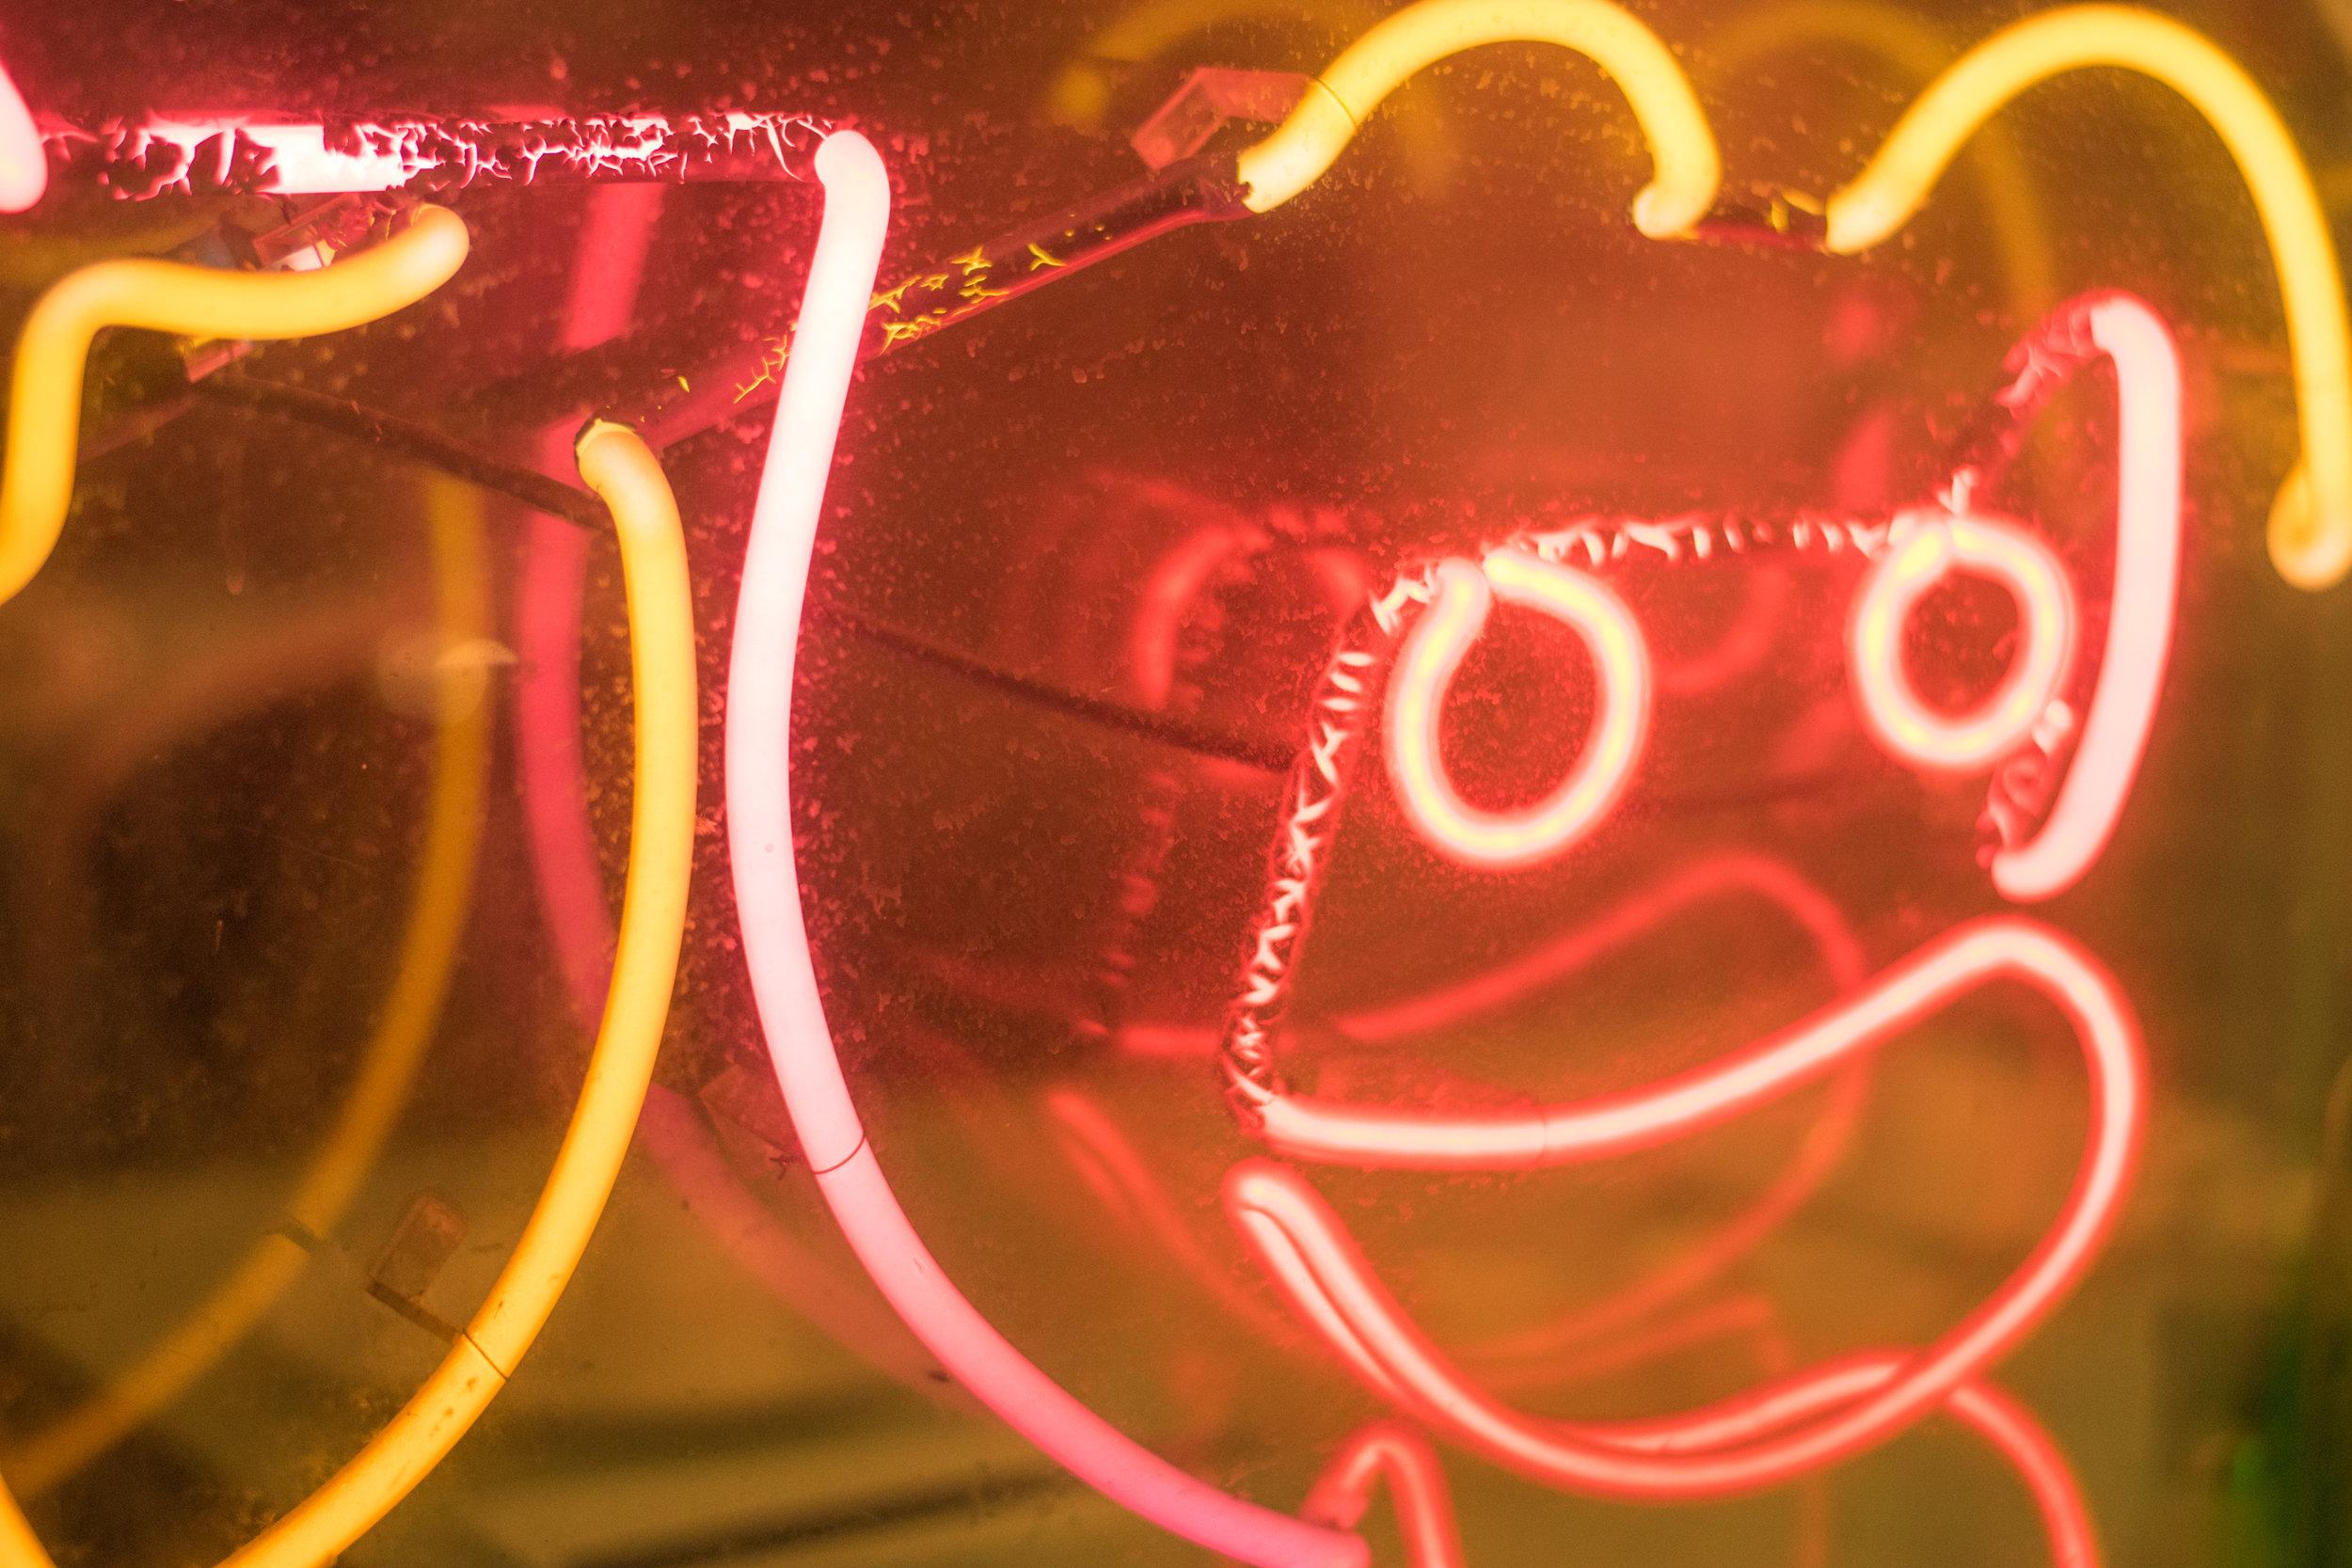 chinatown lights-26.jpg